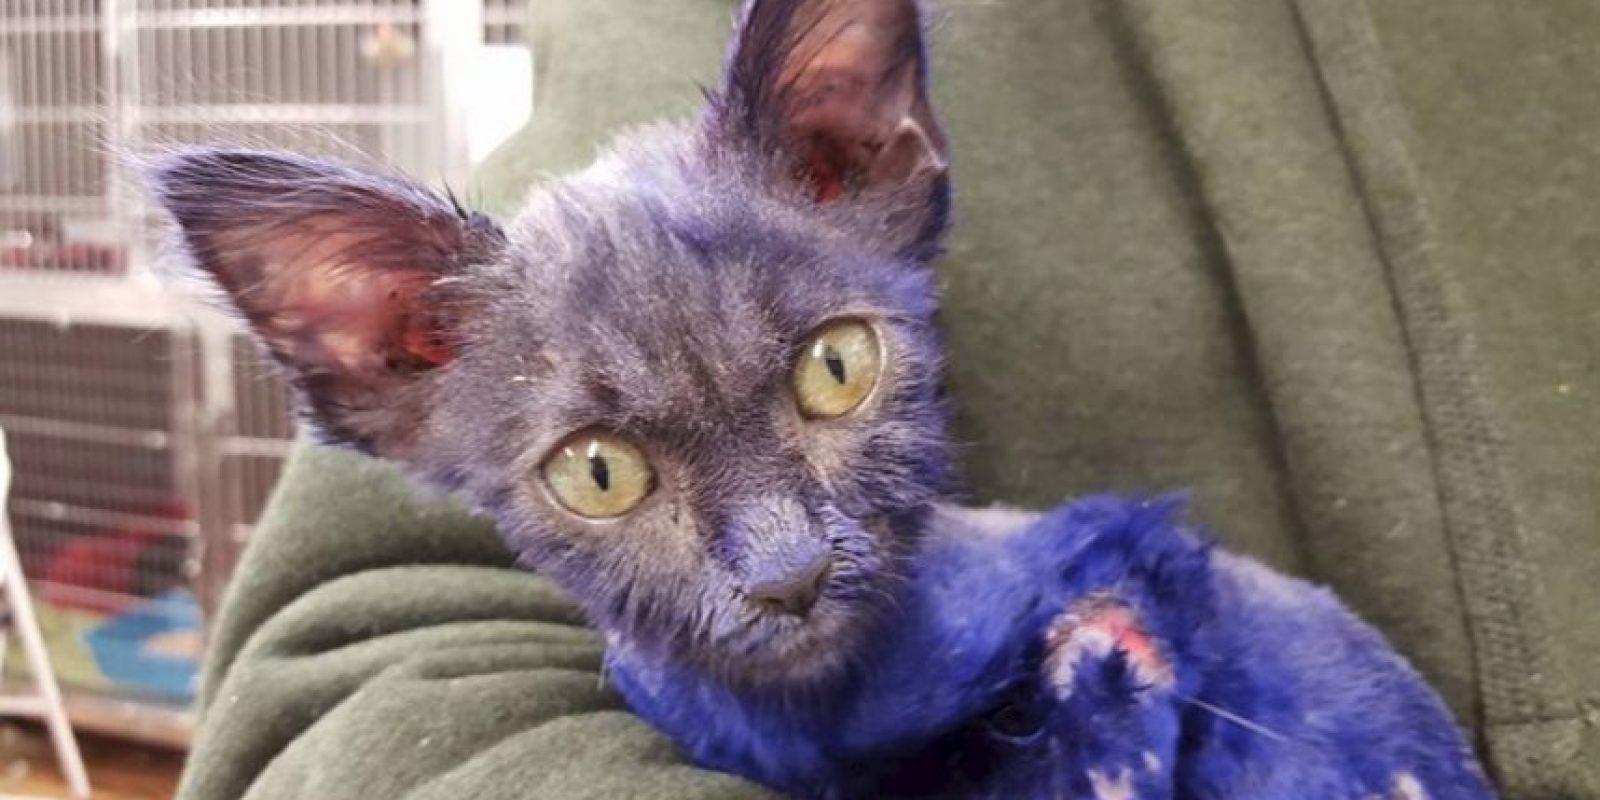 El pequeño felino llegó con tan solo 7 semanas de nacido. Foto:facebook.com/NineLivesFoundation